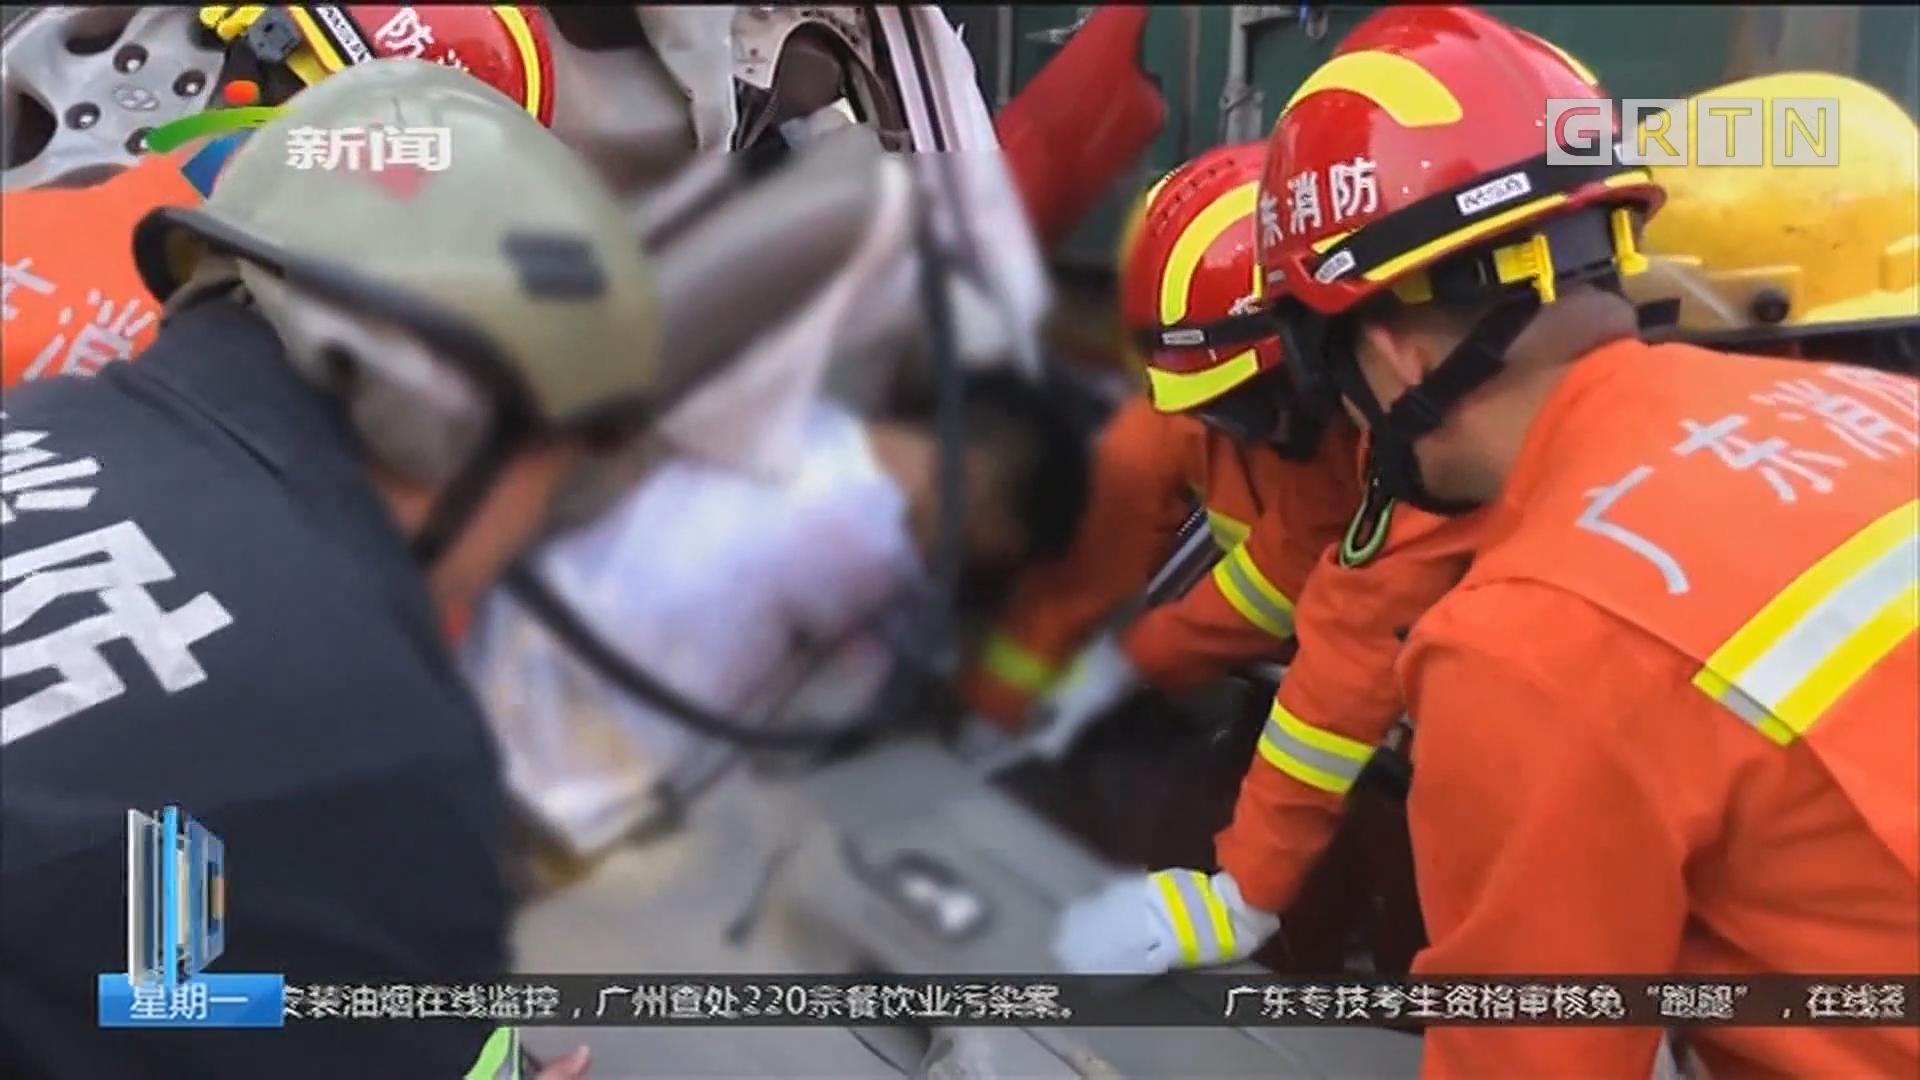 广州番禺:新光快速发生两起事故 一死四伤